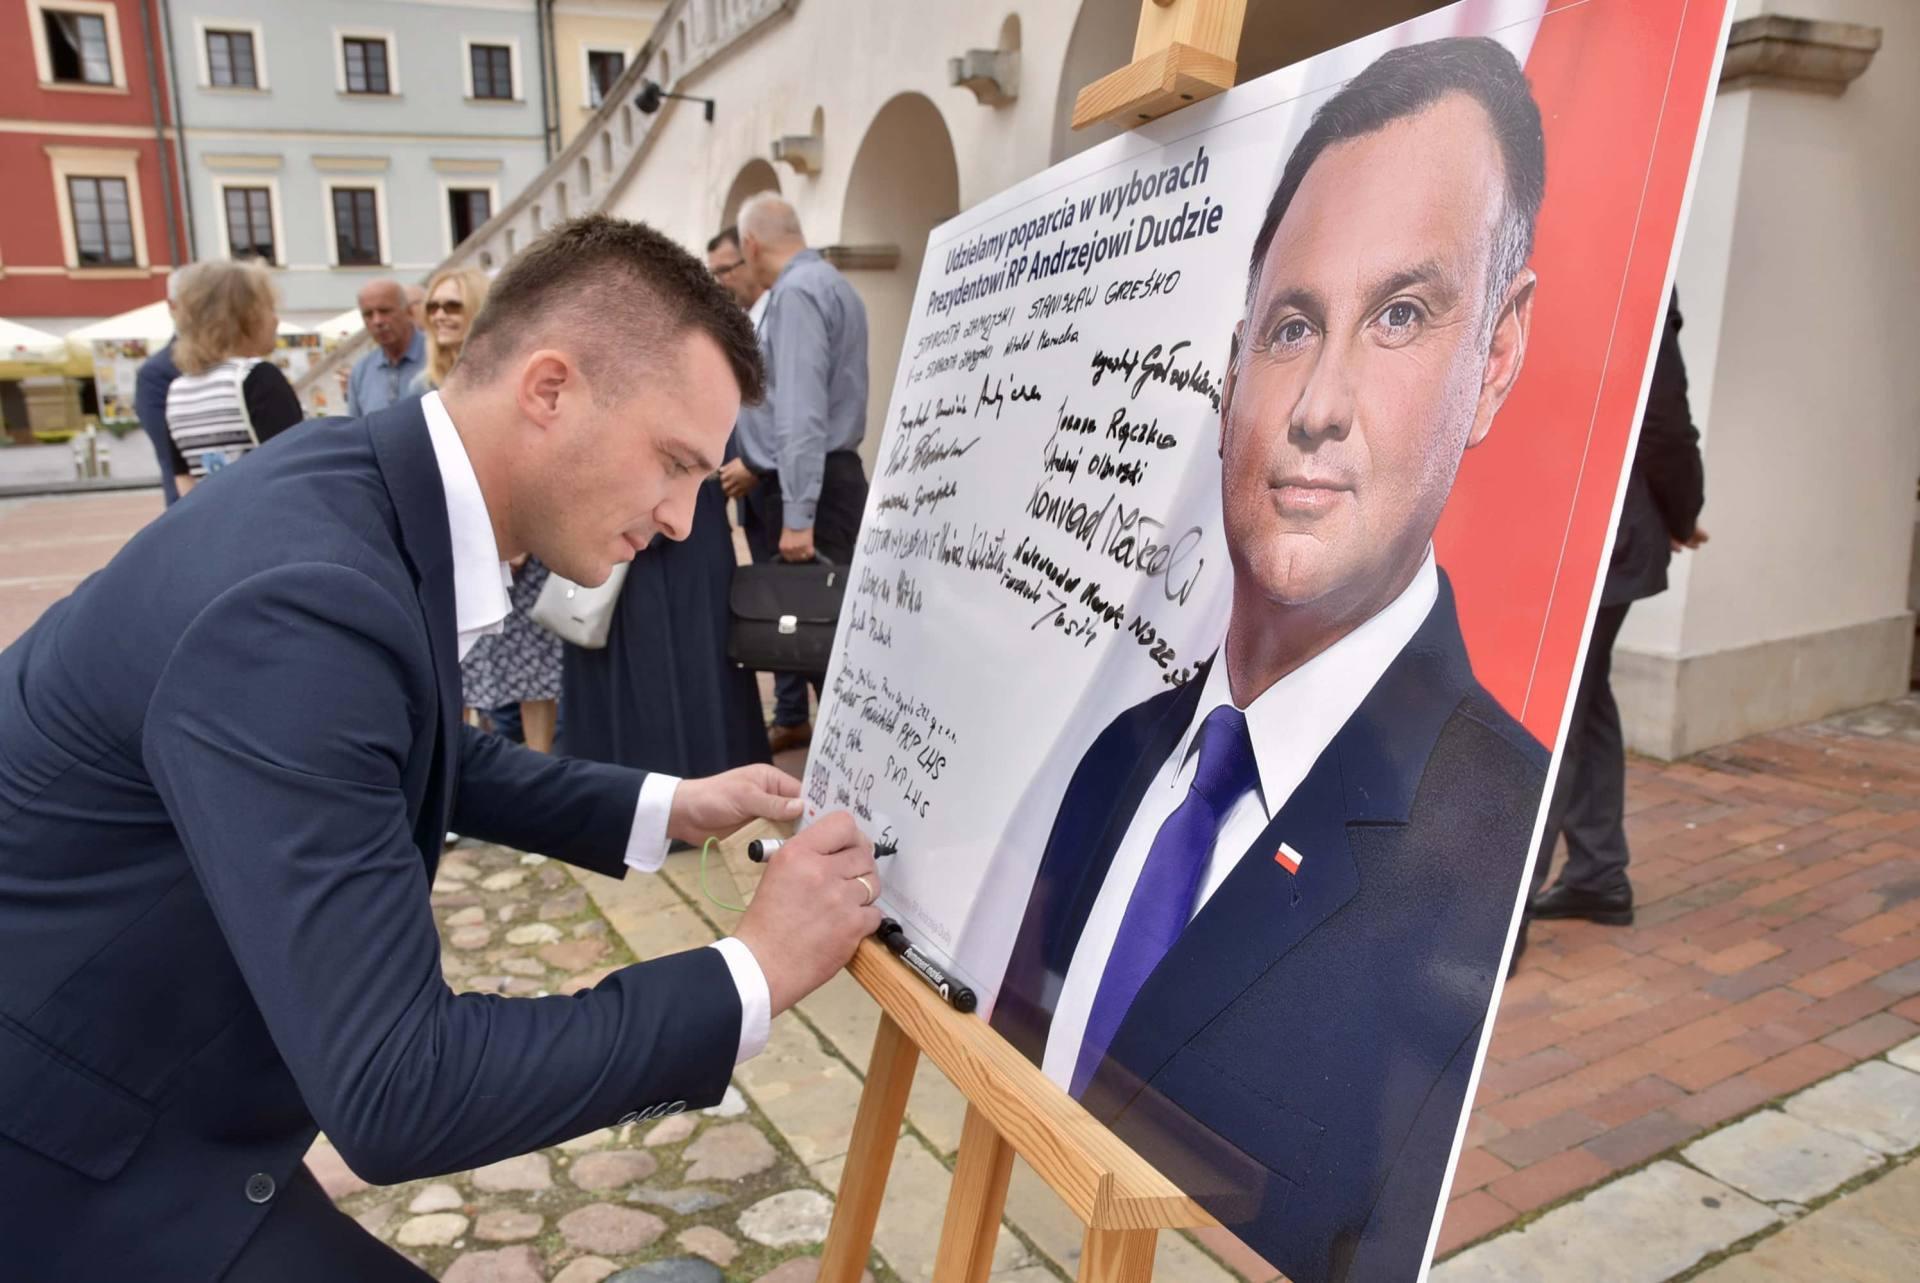 dsc 7797 Zamość: Udzielili poparcia prezydentowi Andrzejowi Dudzie